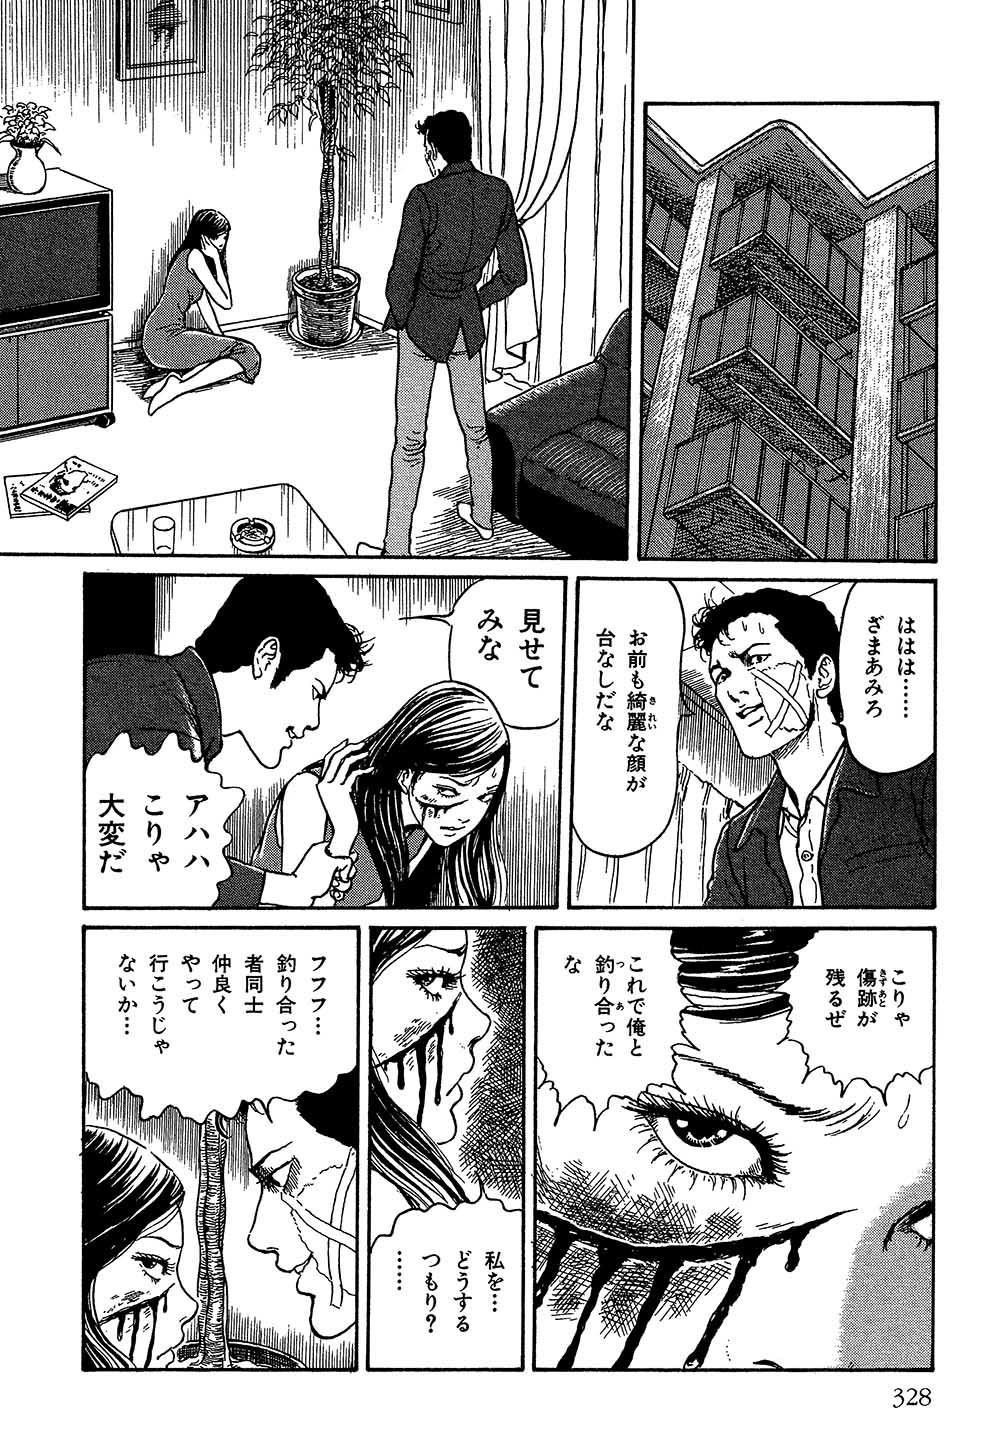 itouj_0002_0330.jpg